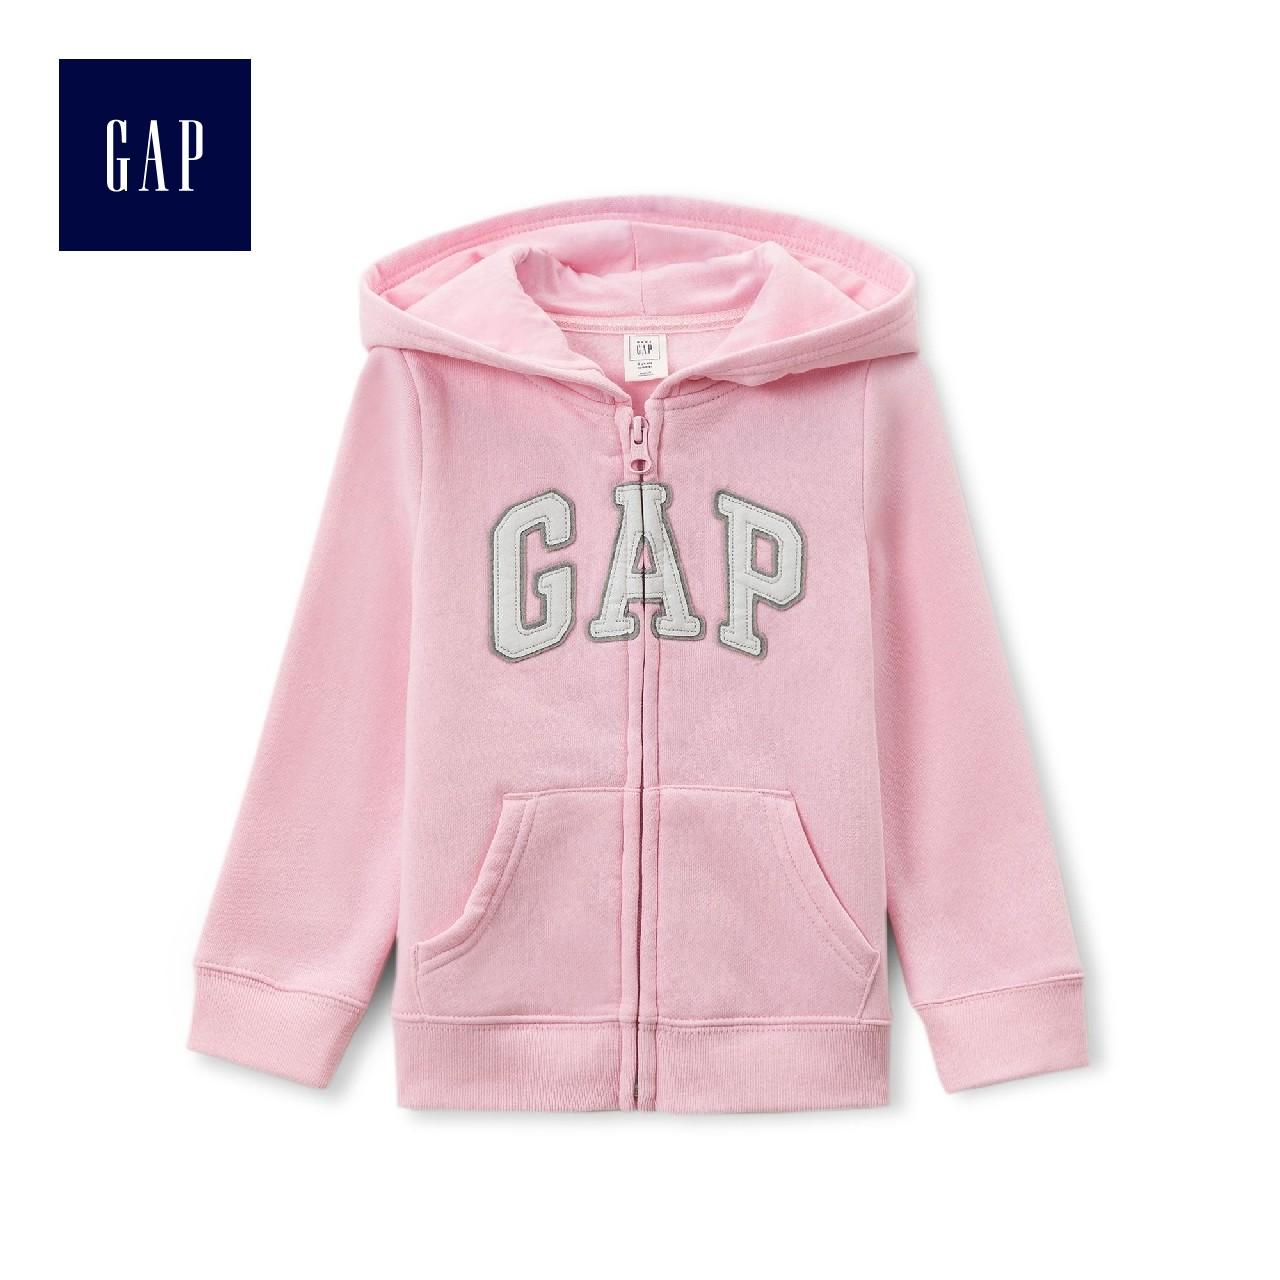 Gap女婴幼童 多色徽标连帽卫衣 儿童宝宝上衣外套259444